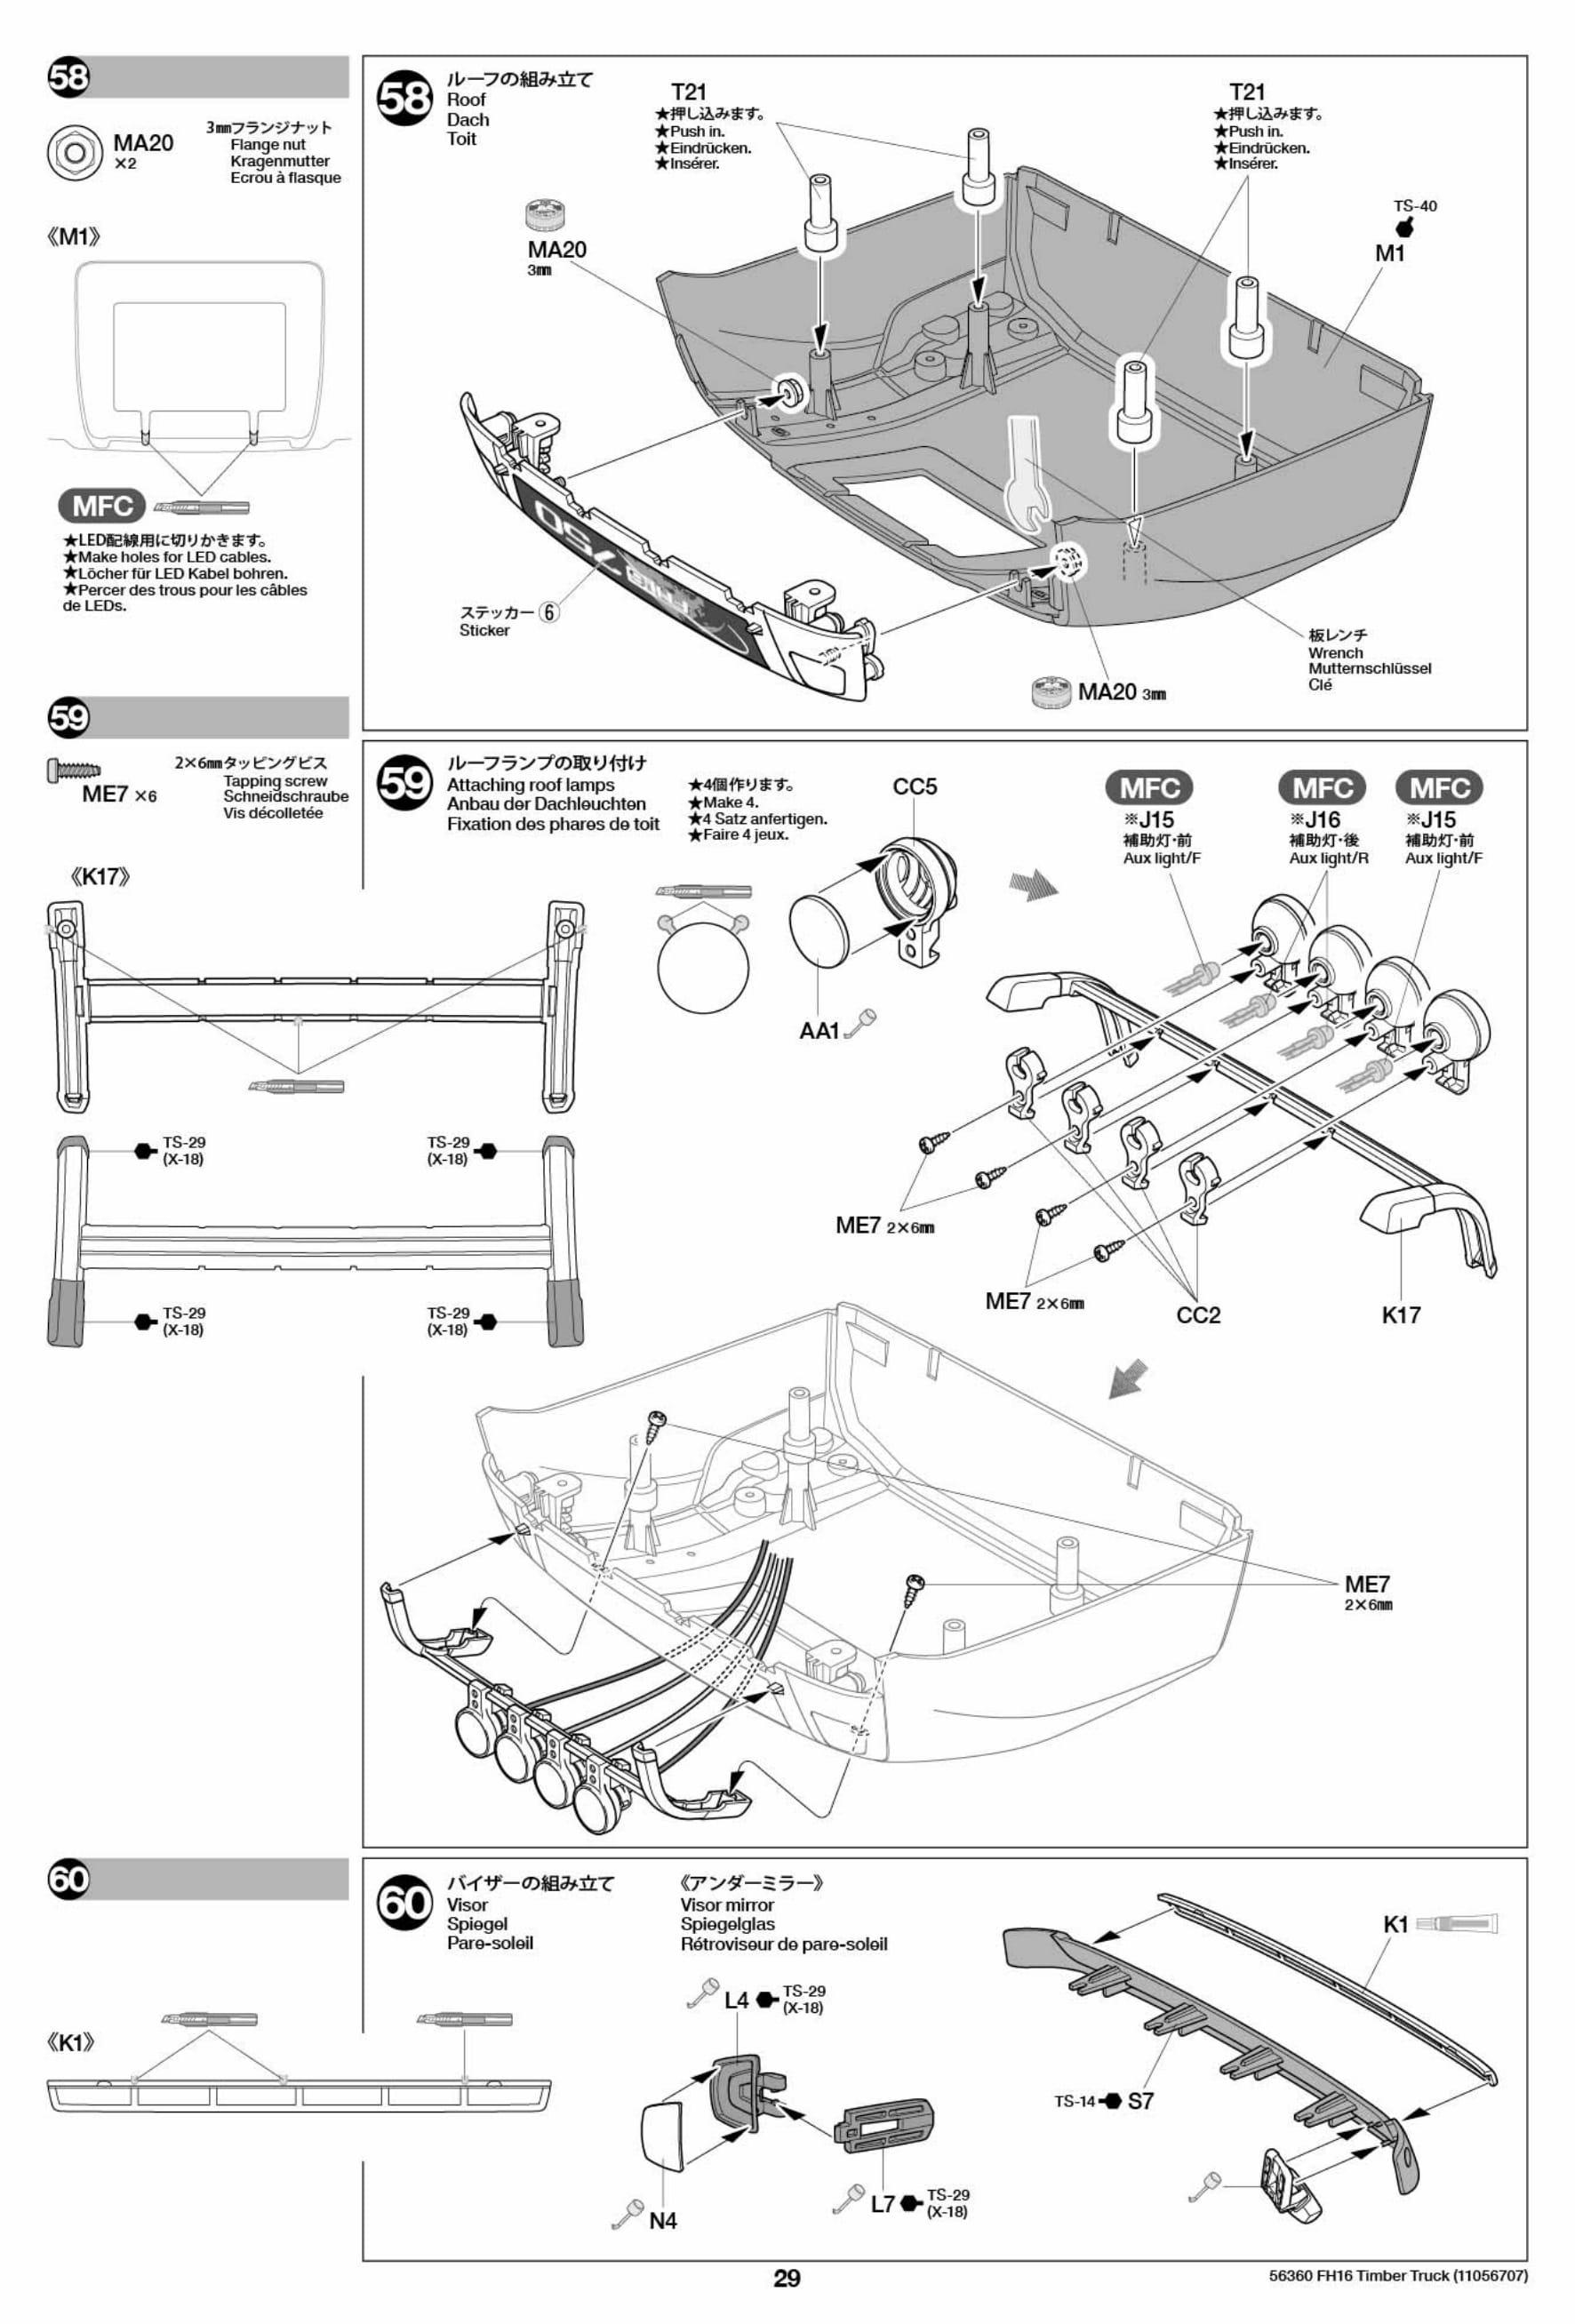 Strato Boat Wiring Diagram